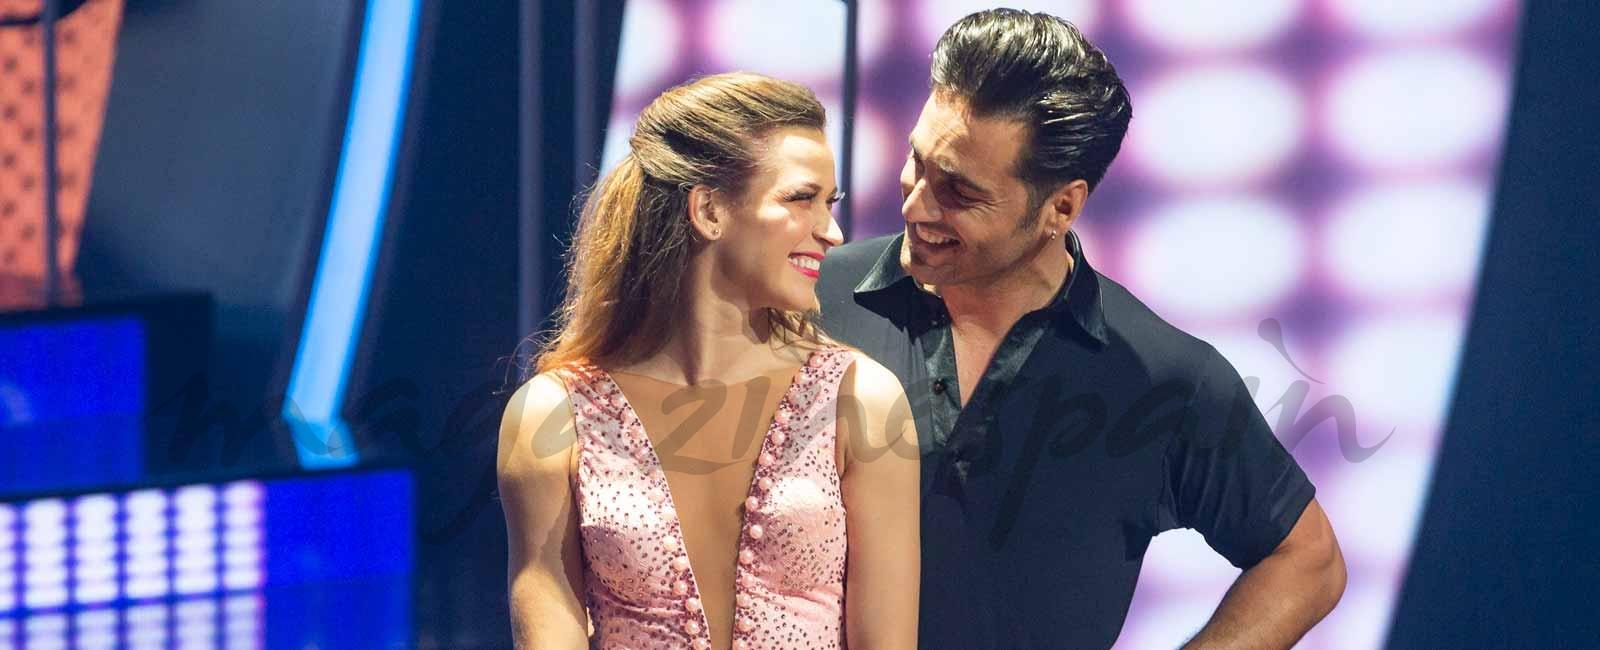 Las románticas imágenes de David Bustamante y Yana Olina a lo «Dirty Dancing»